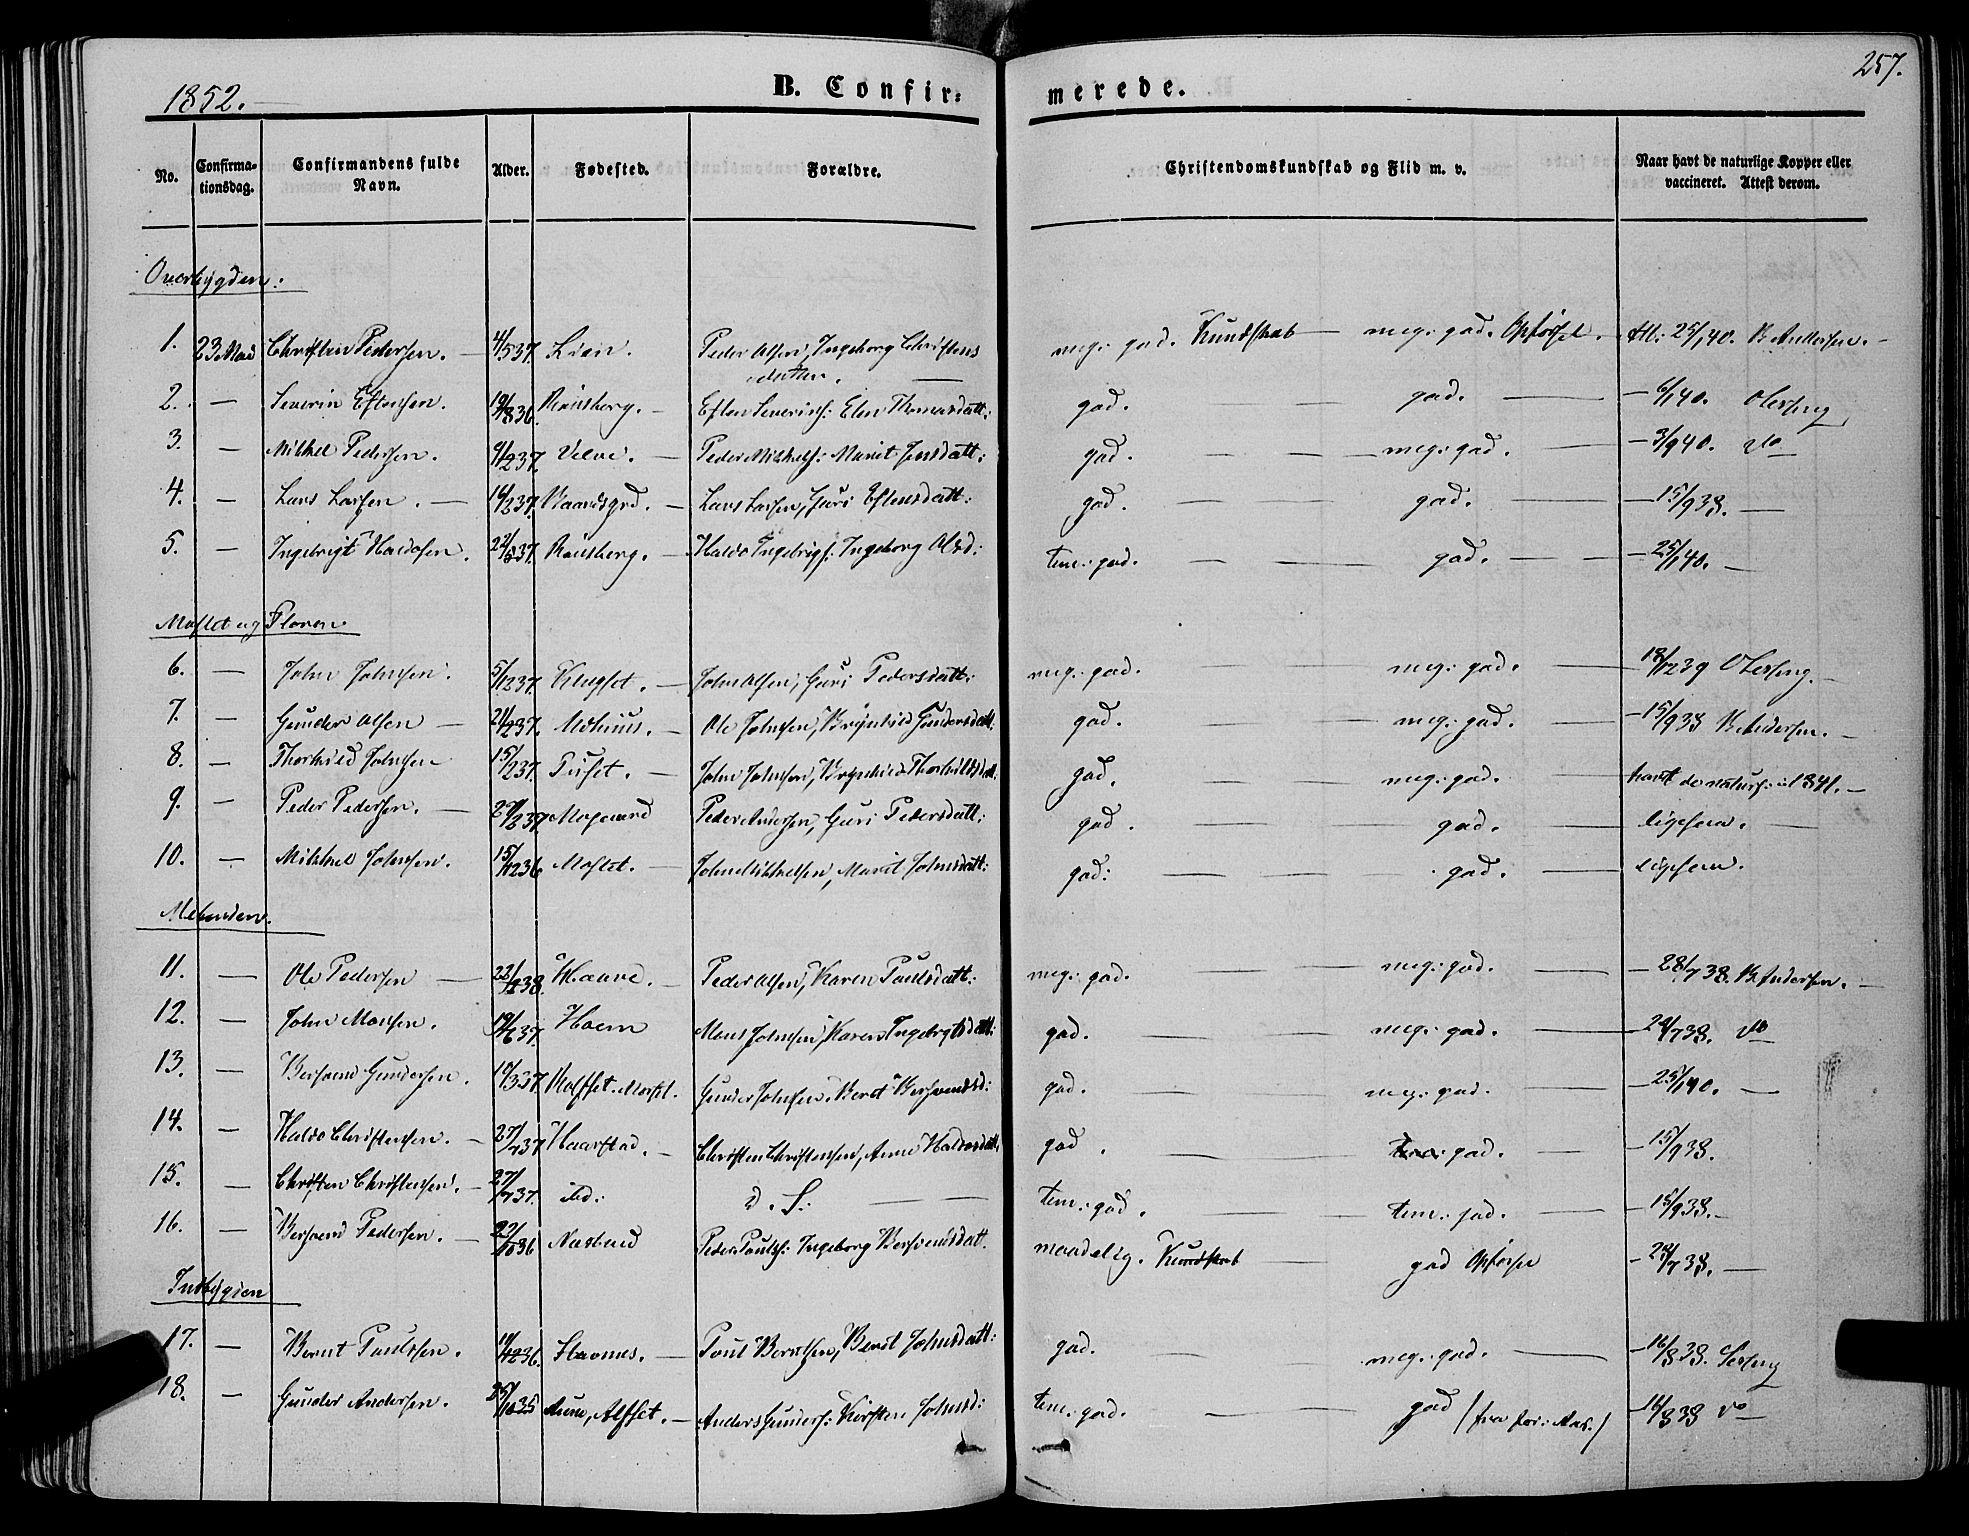 SAT, Ministerialprotokoller, klokkerbøker og fødselsregistre - Sør-Trøndelag, 695/L1145: Ministerialbok nr. 695A06 /1, 1843-1859, s. 257